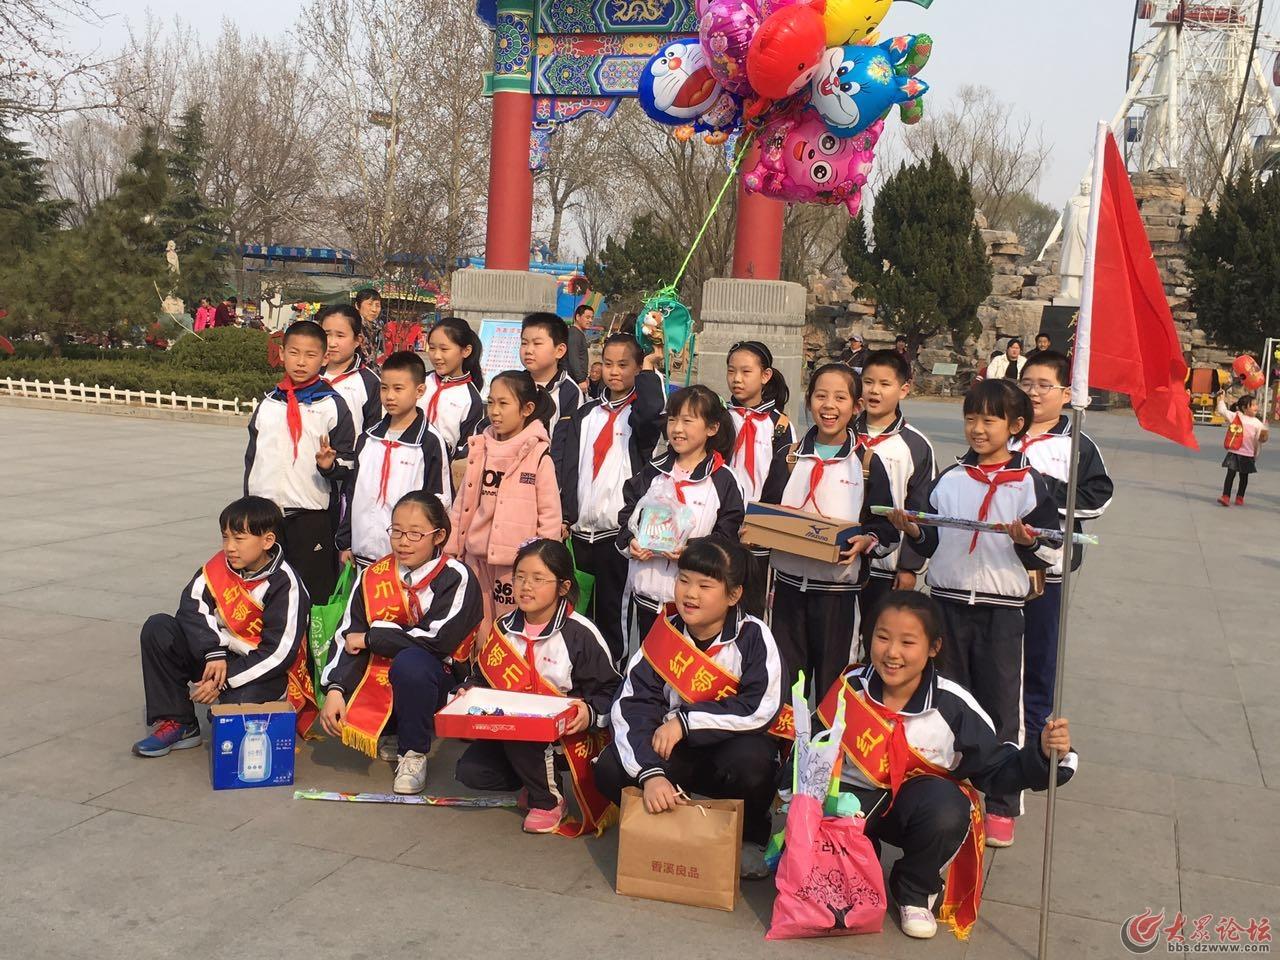 滨州市第一小学/学生礼拜天学雷锋公益活动